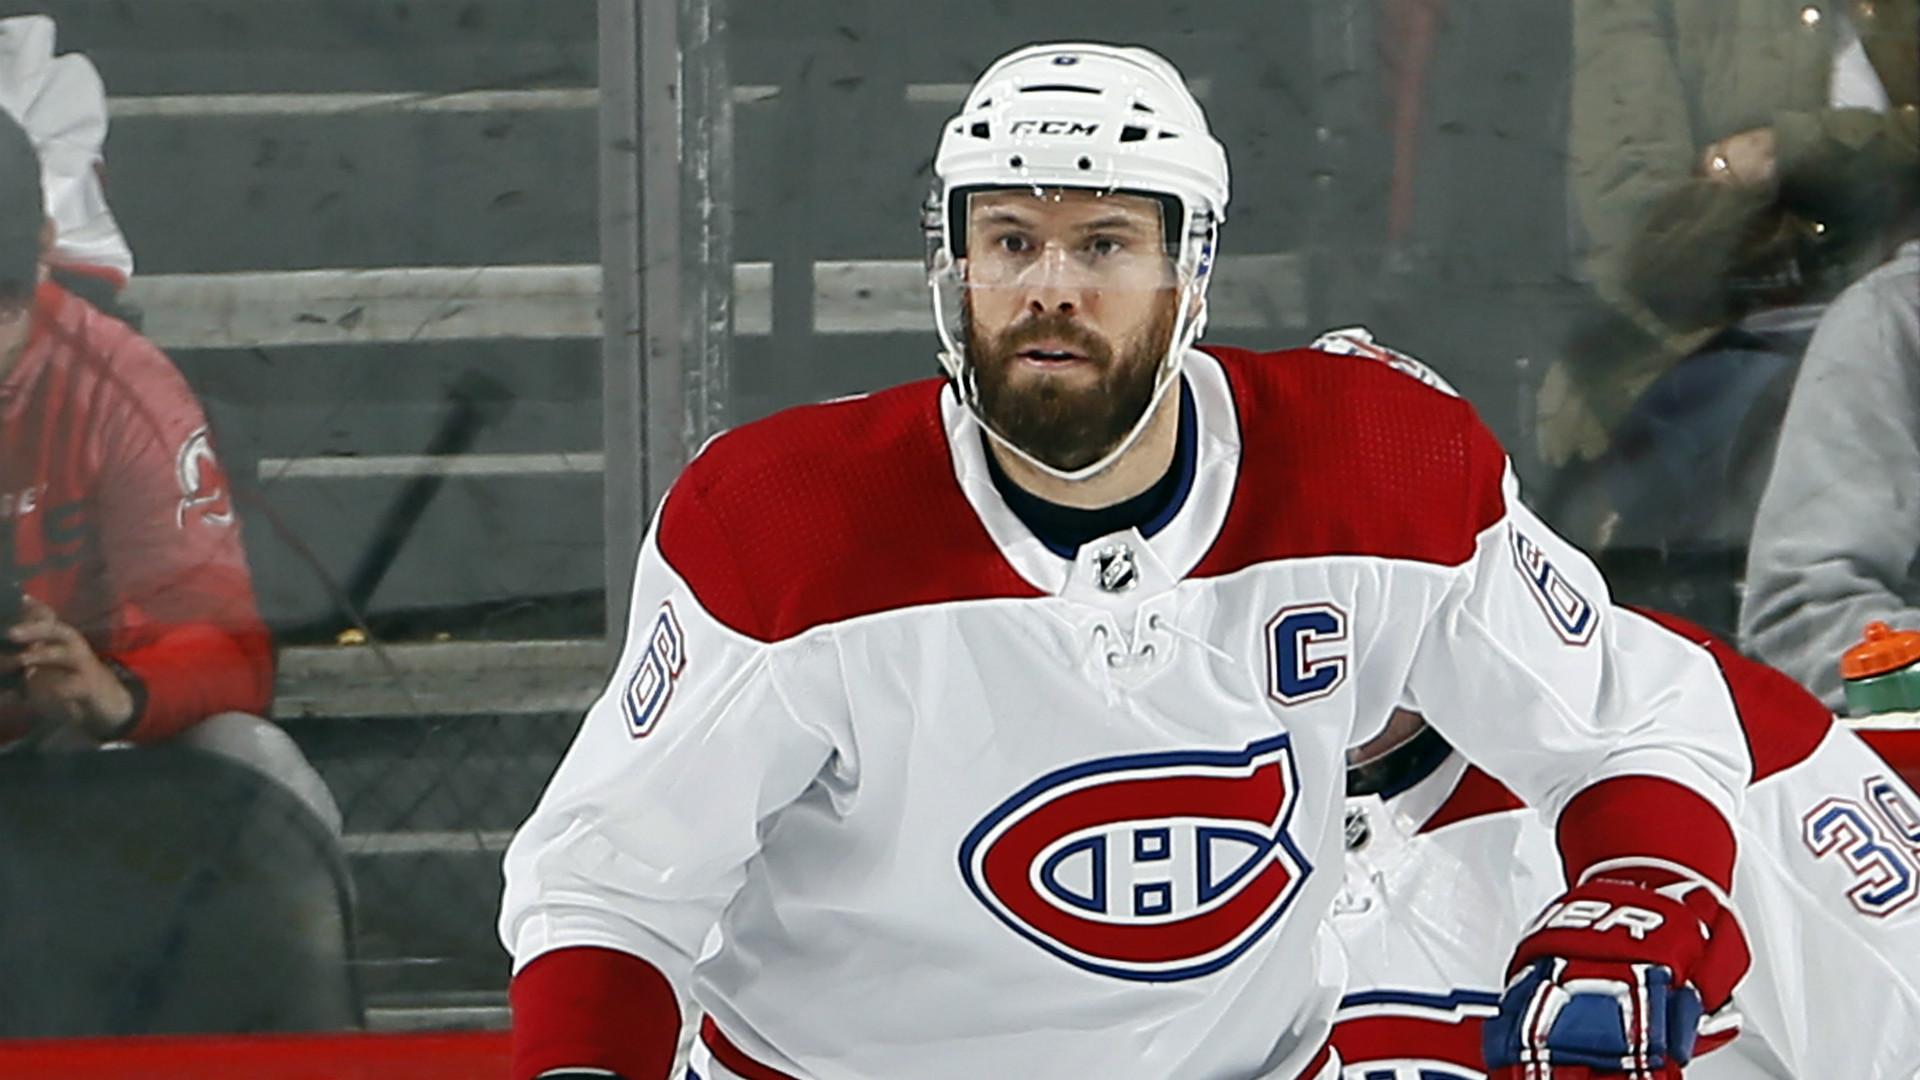 La lesión del capitán de los Canadiens, Shea Weber, no pone en peligro su carrera pero sigue siendo significativa 2